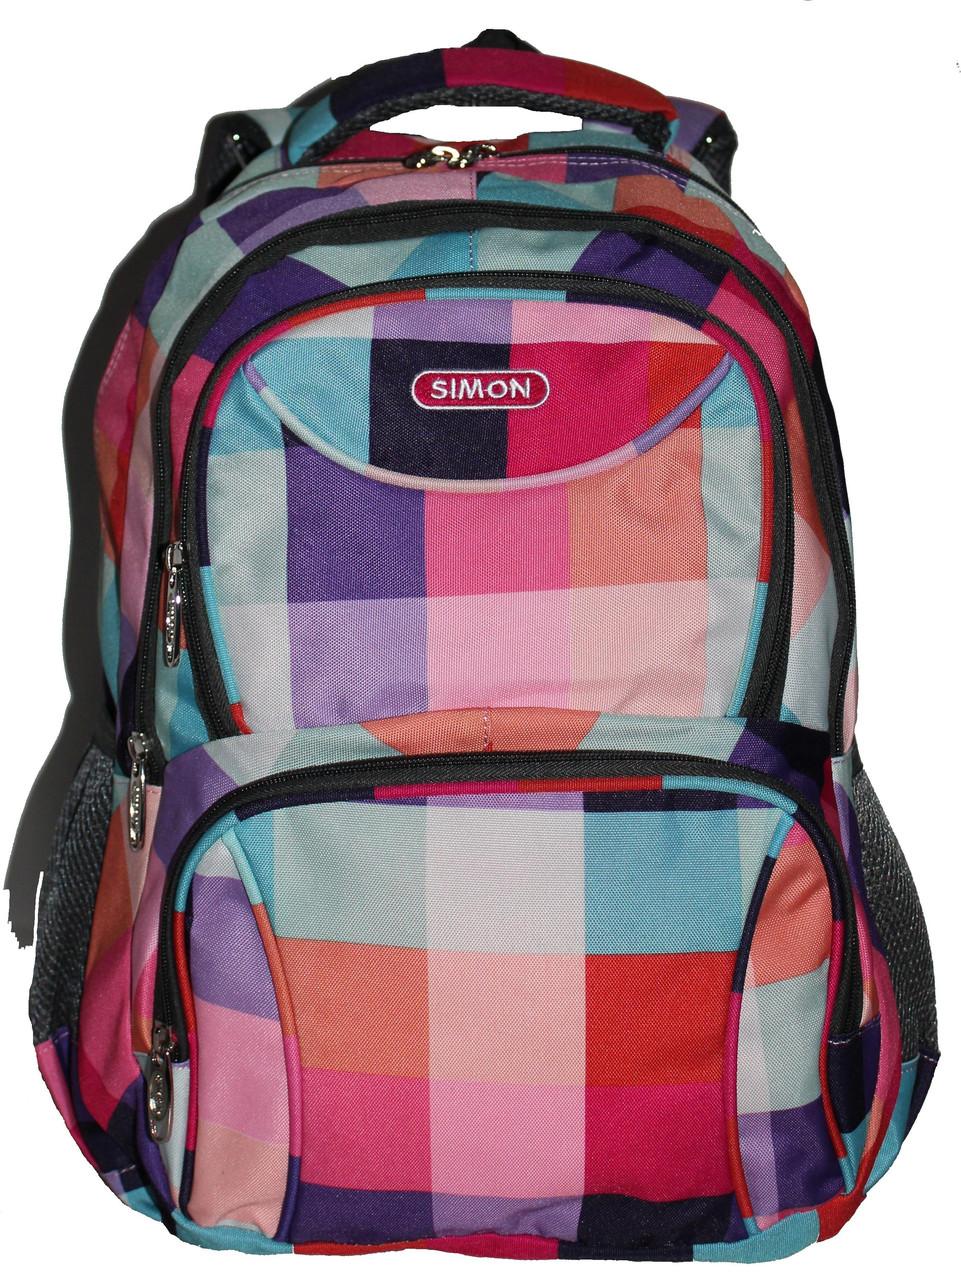 Рюкзаки в школу купить кривой рог рюкзаки фирмы якорь